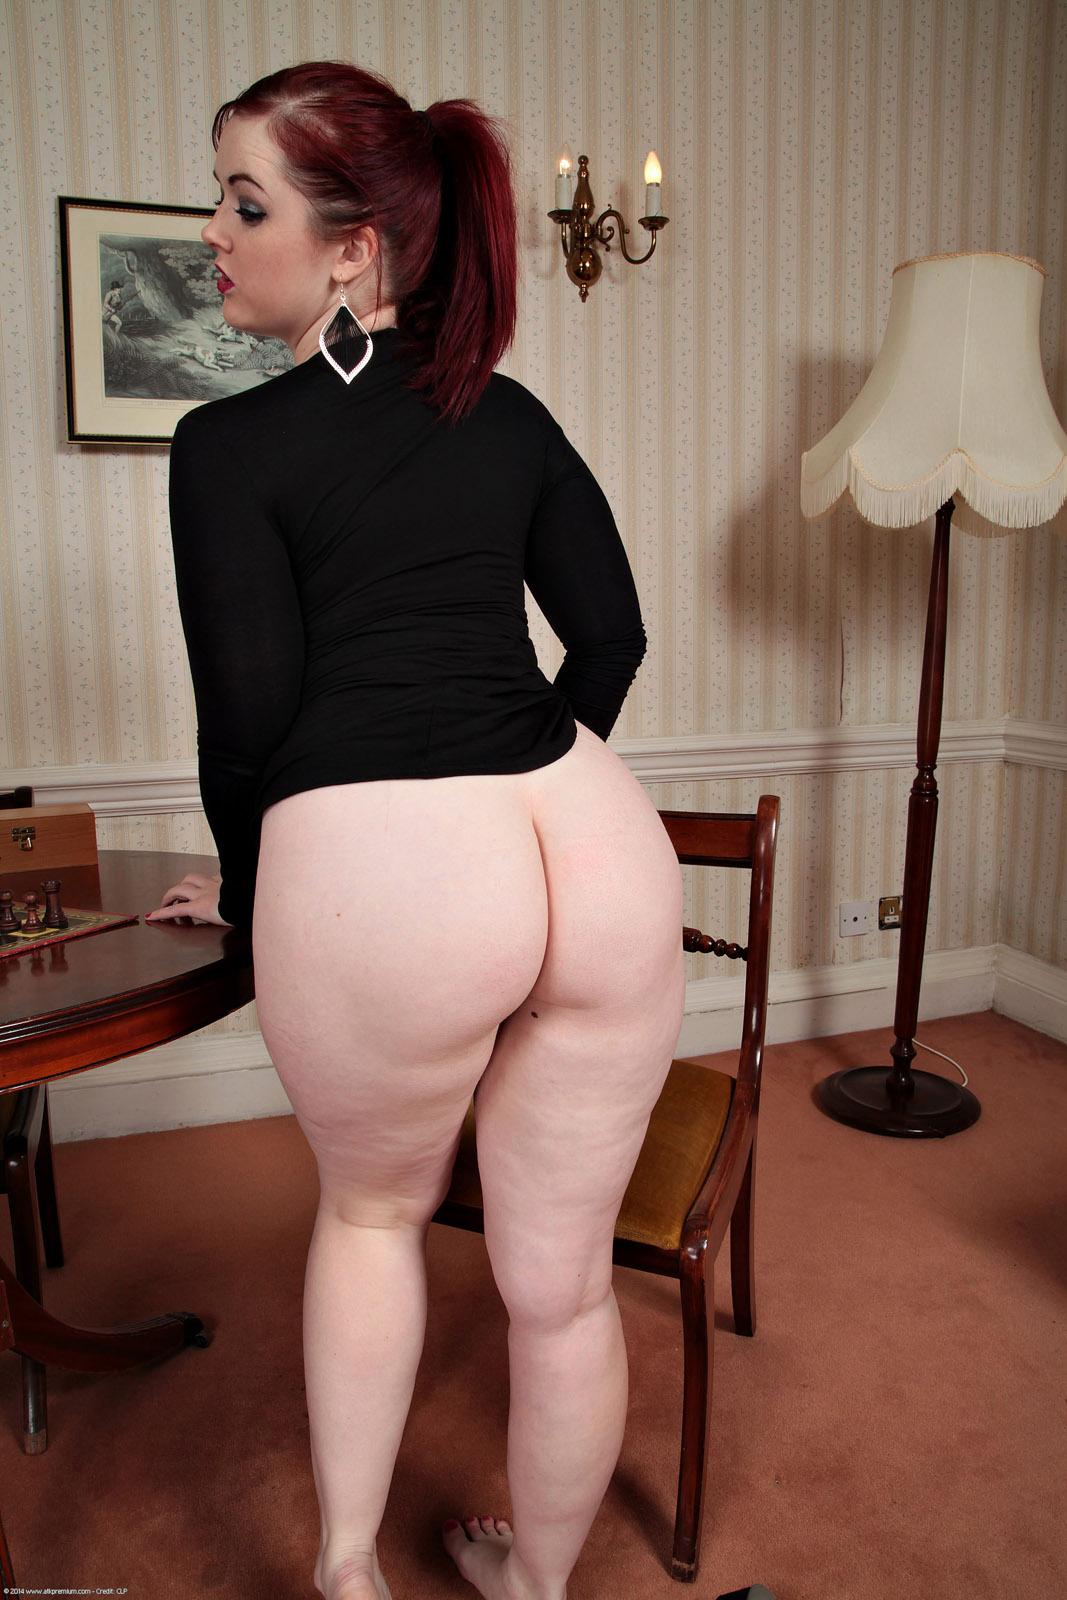 Atk fatty feet girl nude